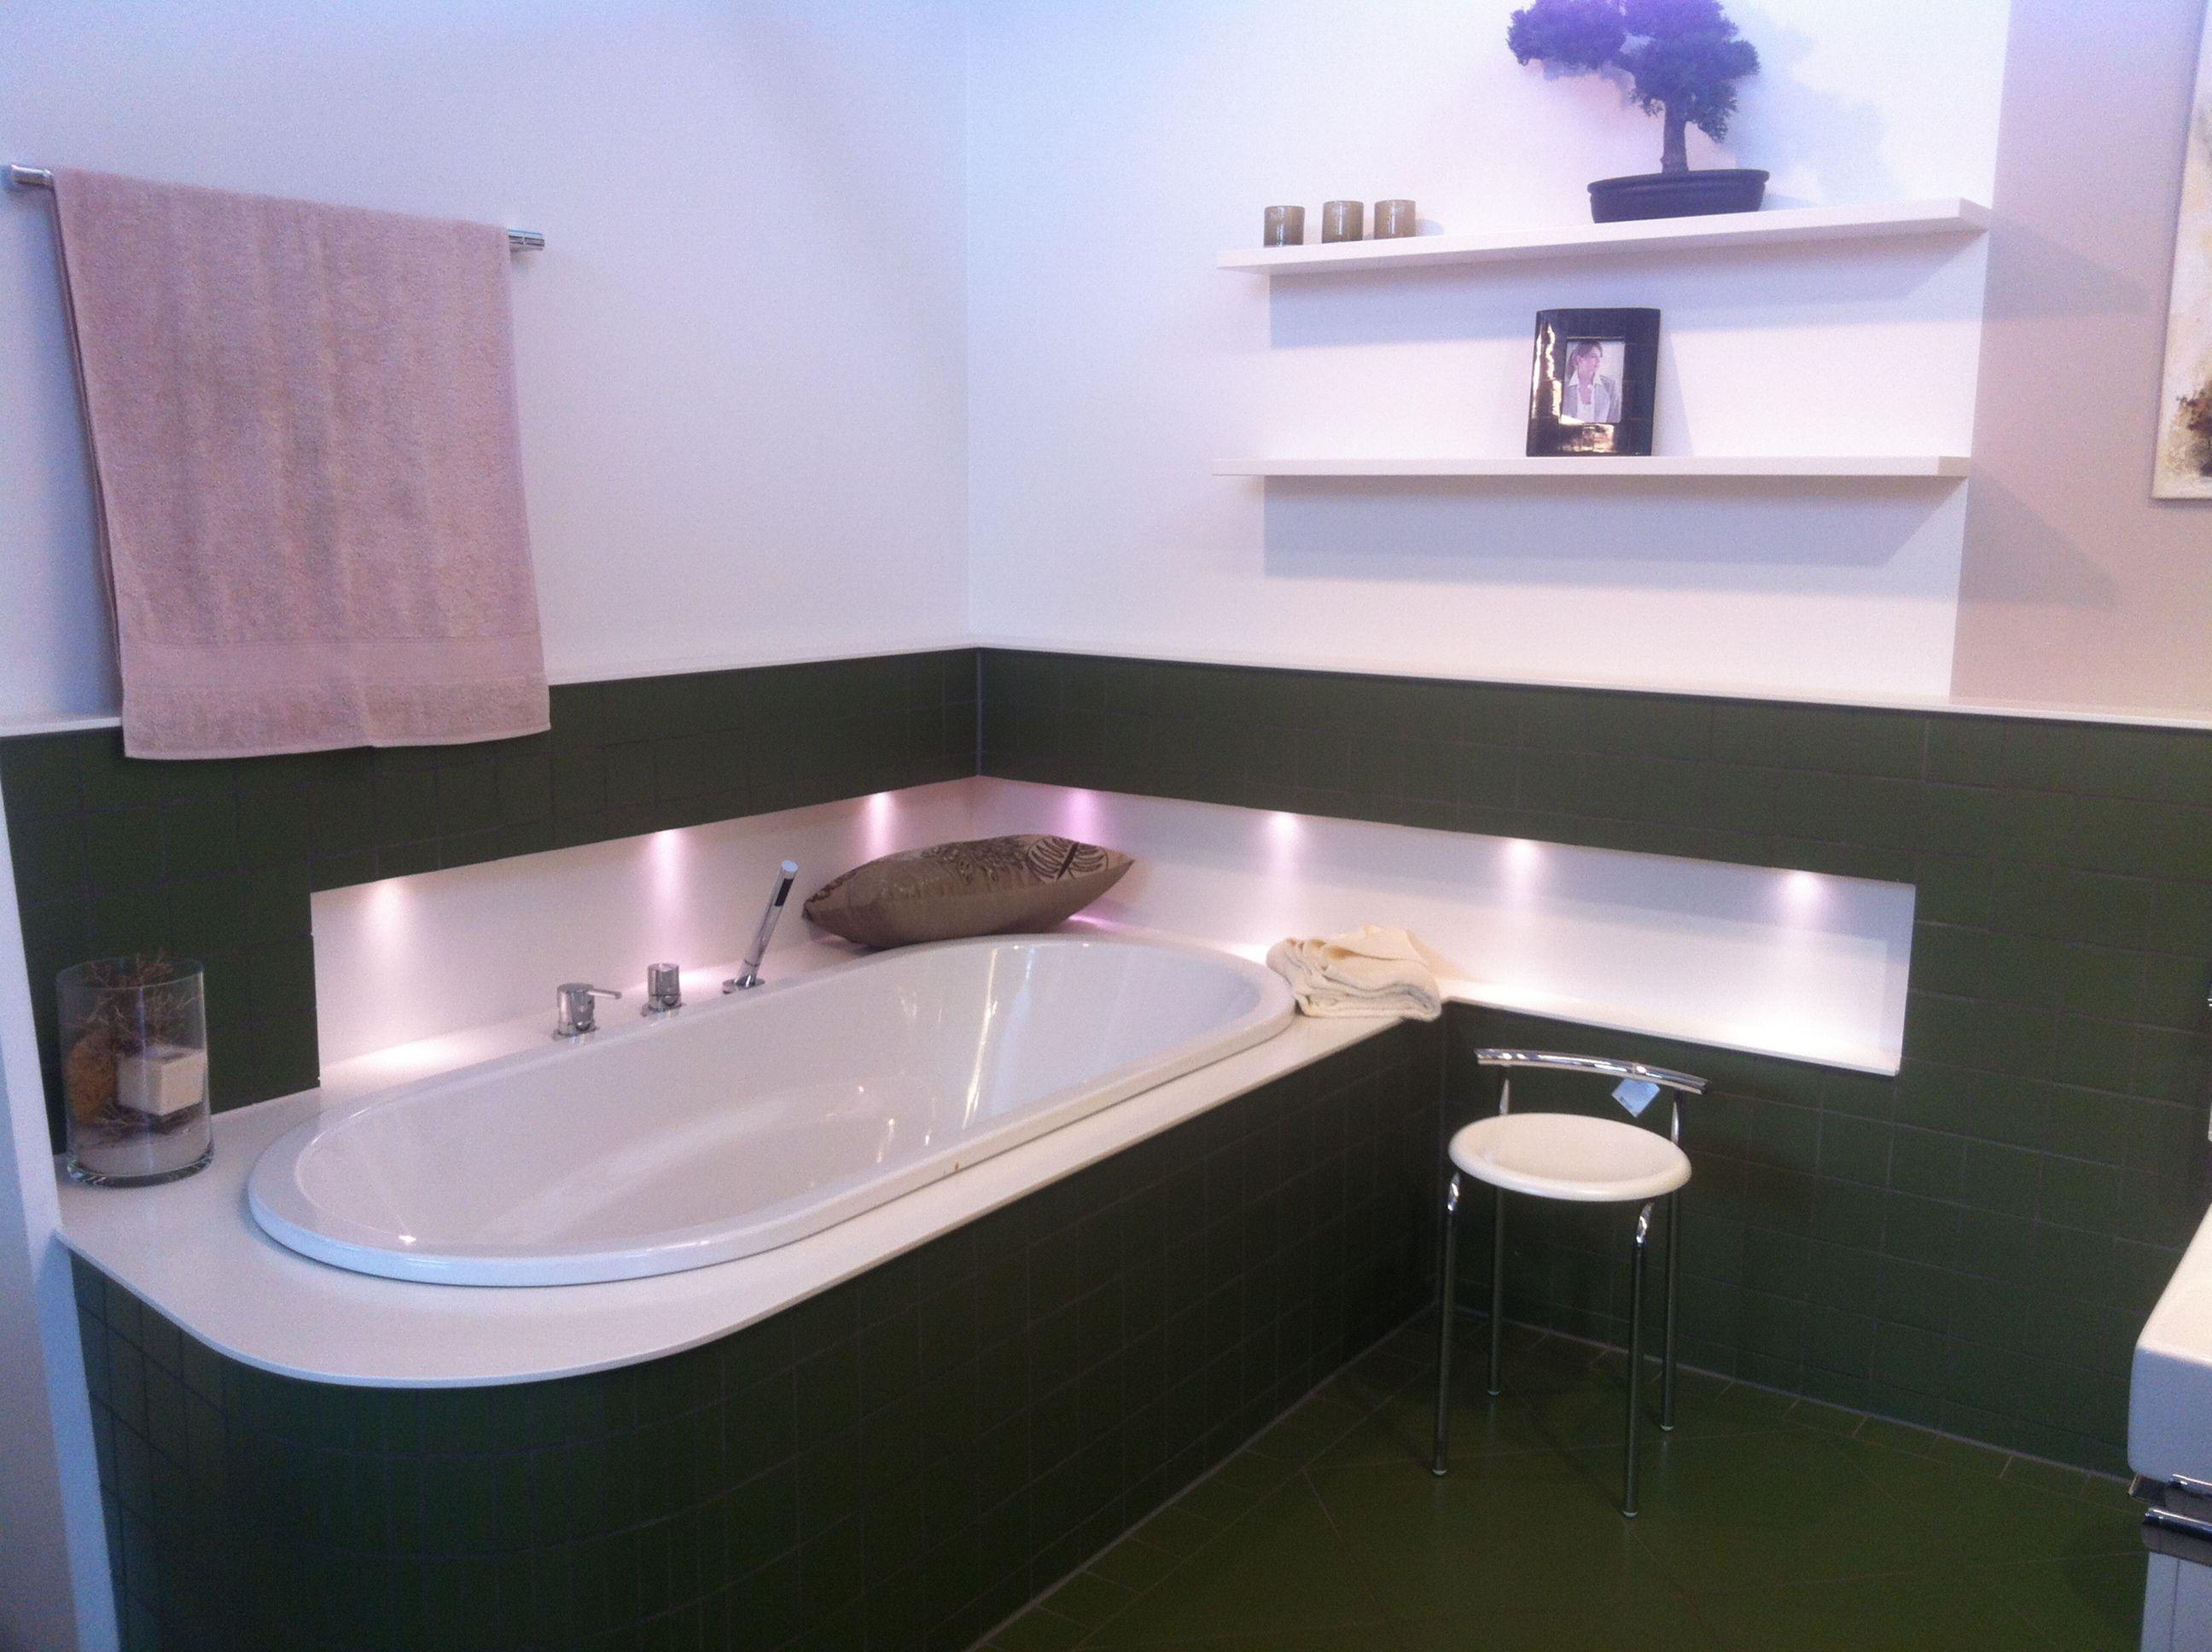 Badezimmer Badewanne ~ Beleuchtung bad nische über badewanne badezimmer